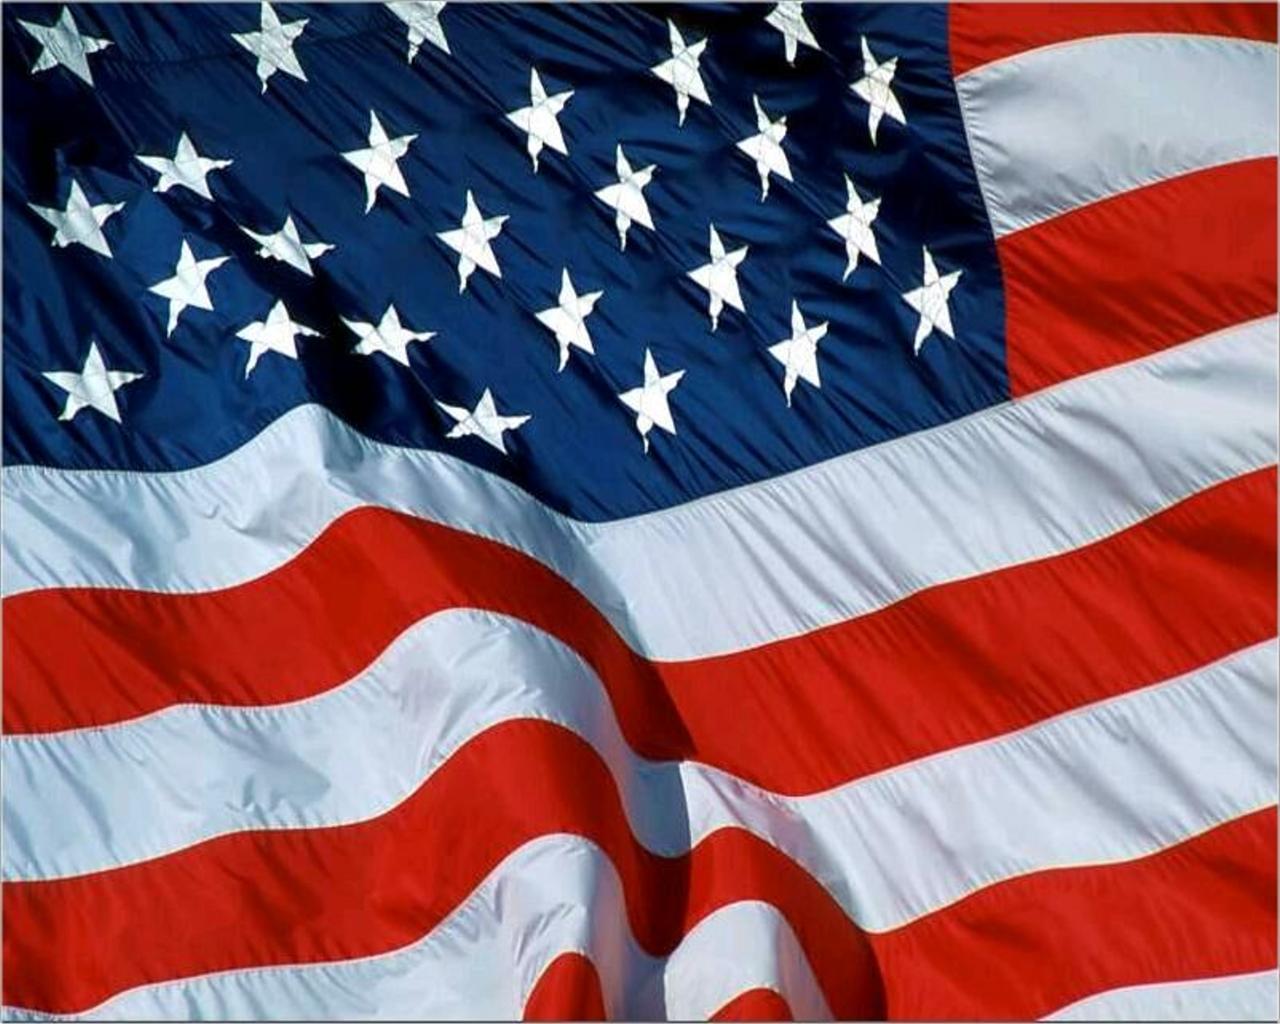 flag_1280x1024